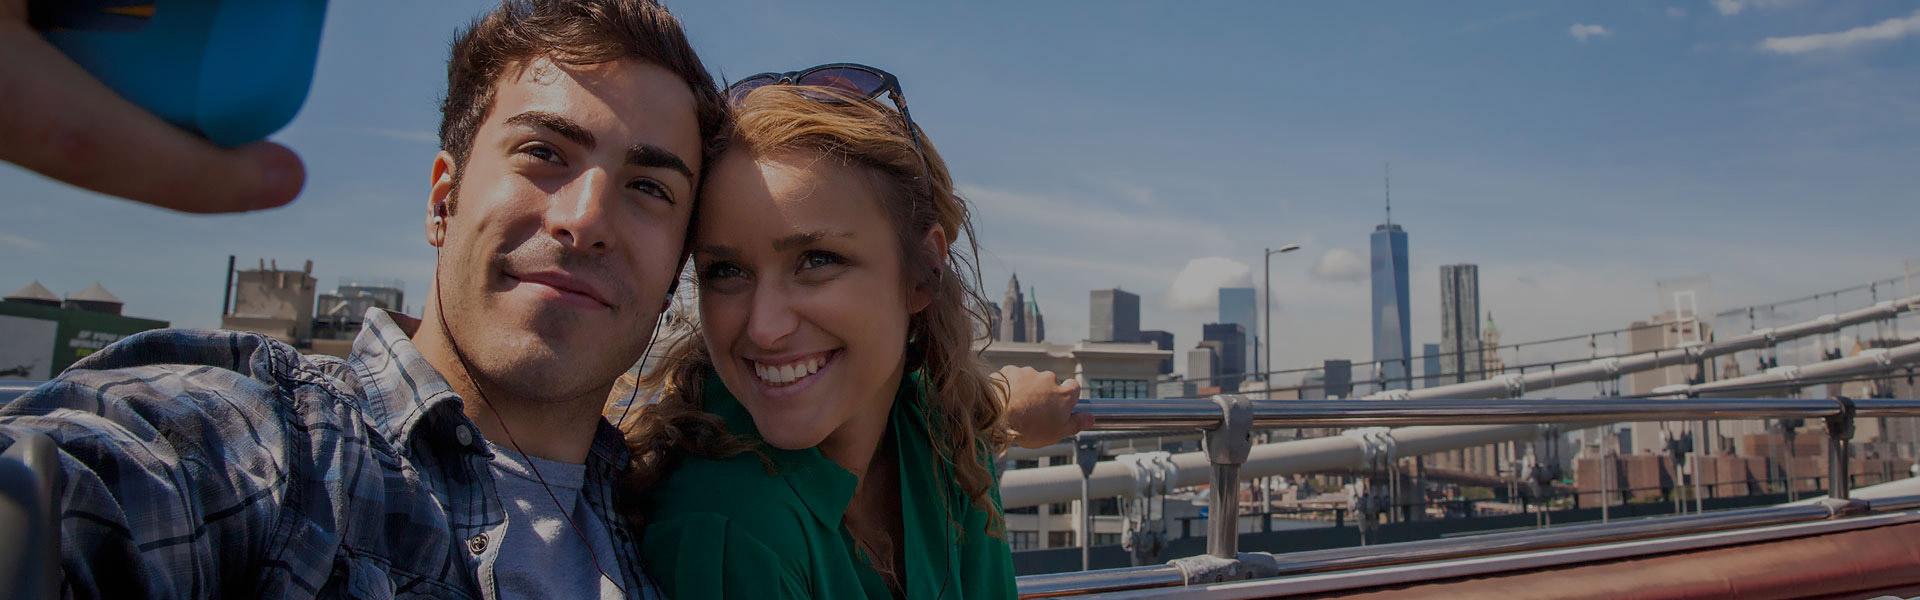 Couple on New York bus tour